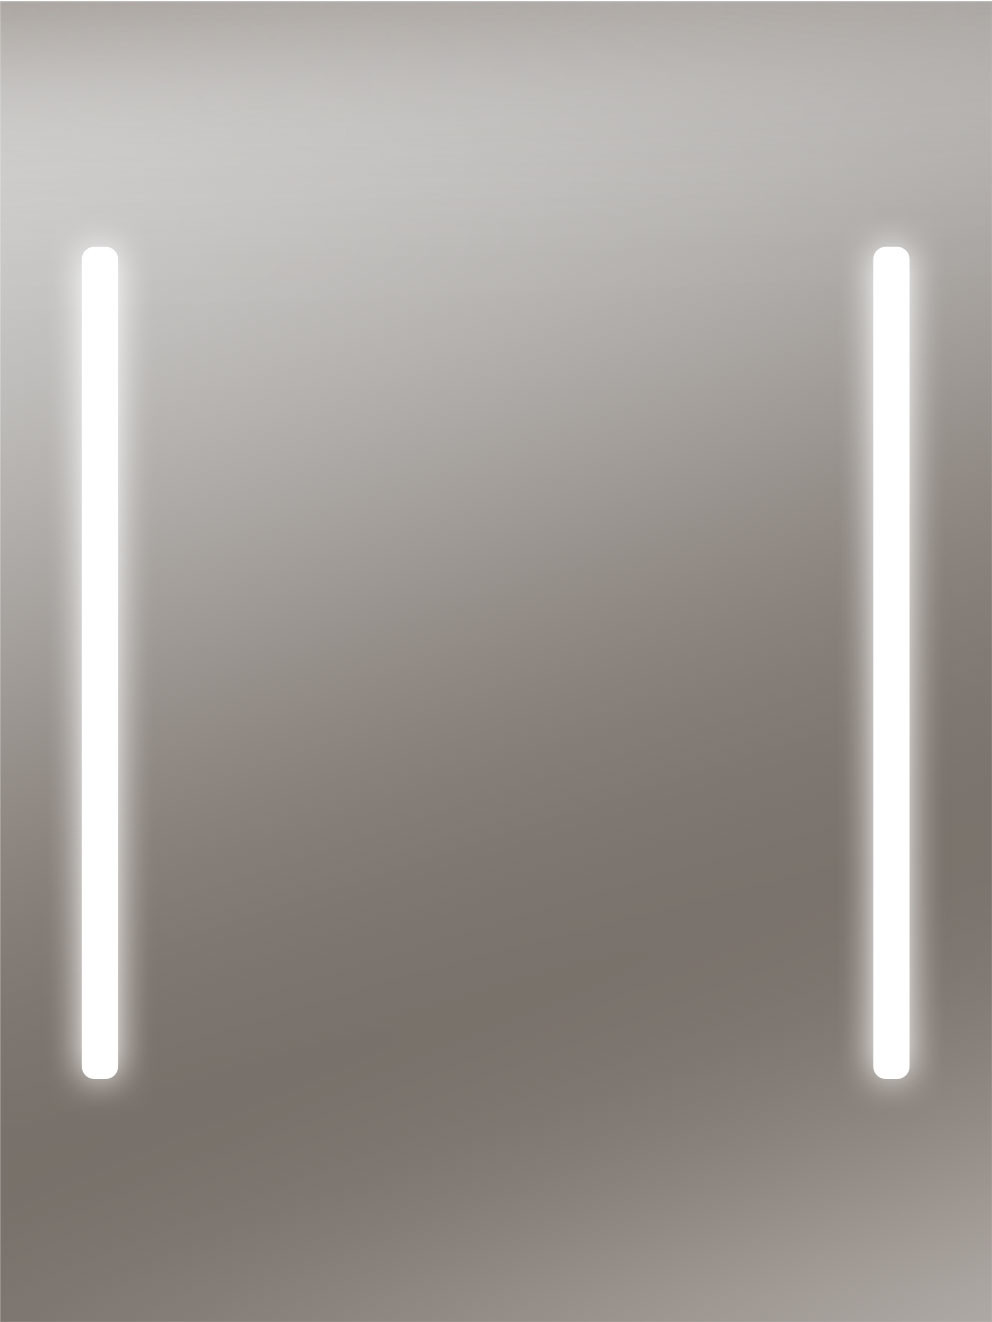 Zalena Bluetooth-Lichtspiegel Akursia mit befestigten Stereolautsprechern